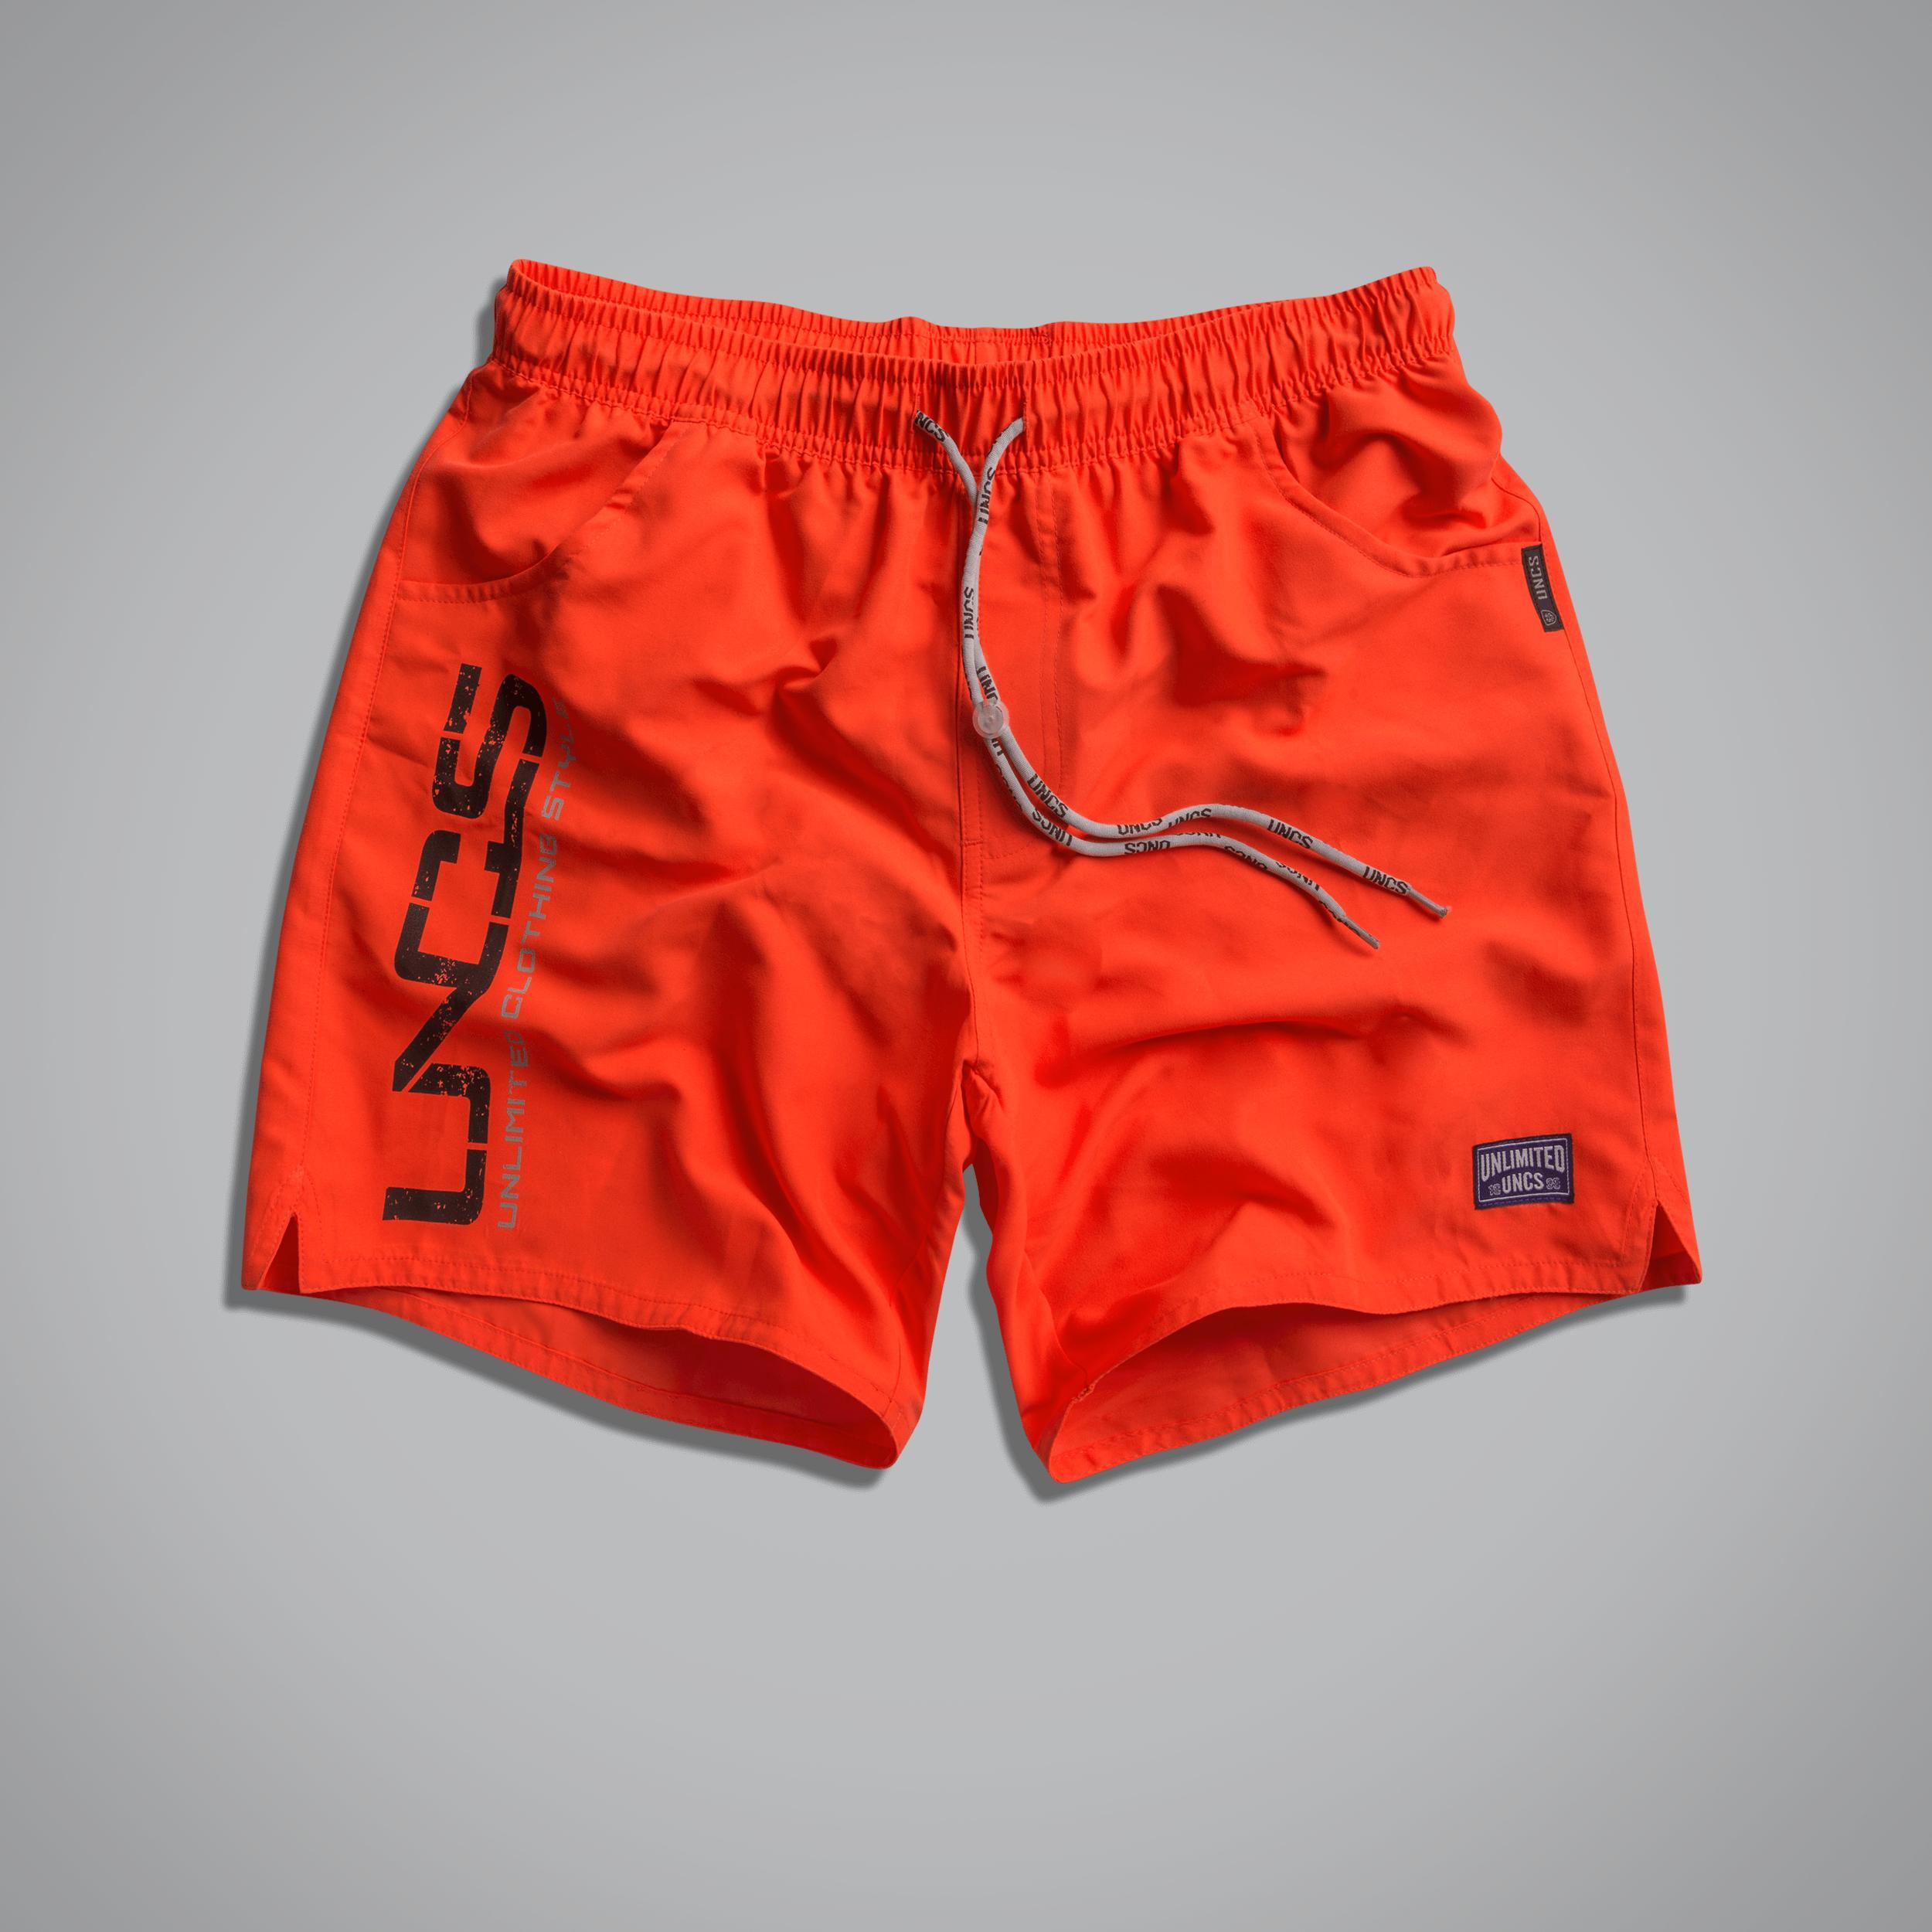 c918b3d3576 Pánské koupací šortky Naples - Outlet - doprodej pánského oblečení